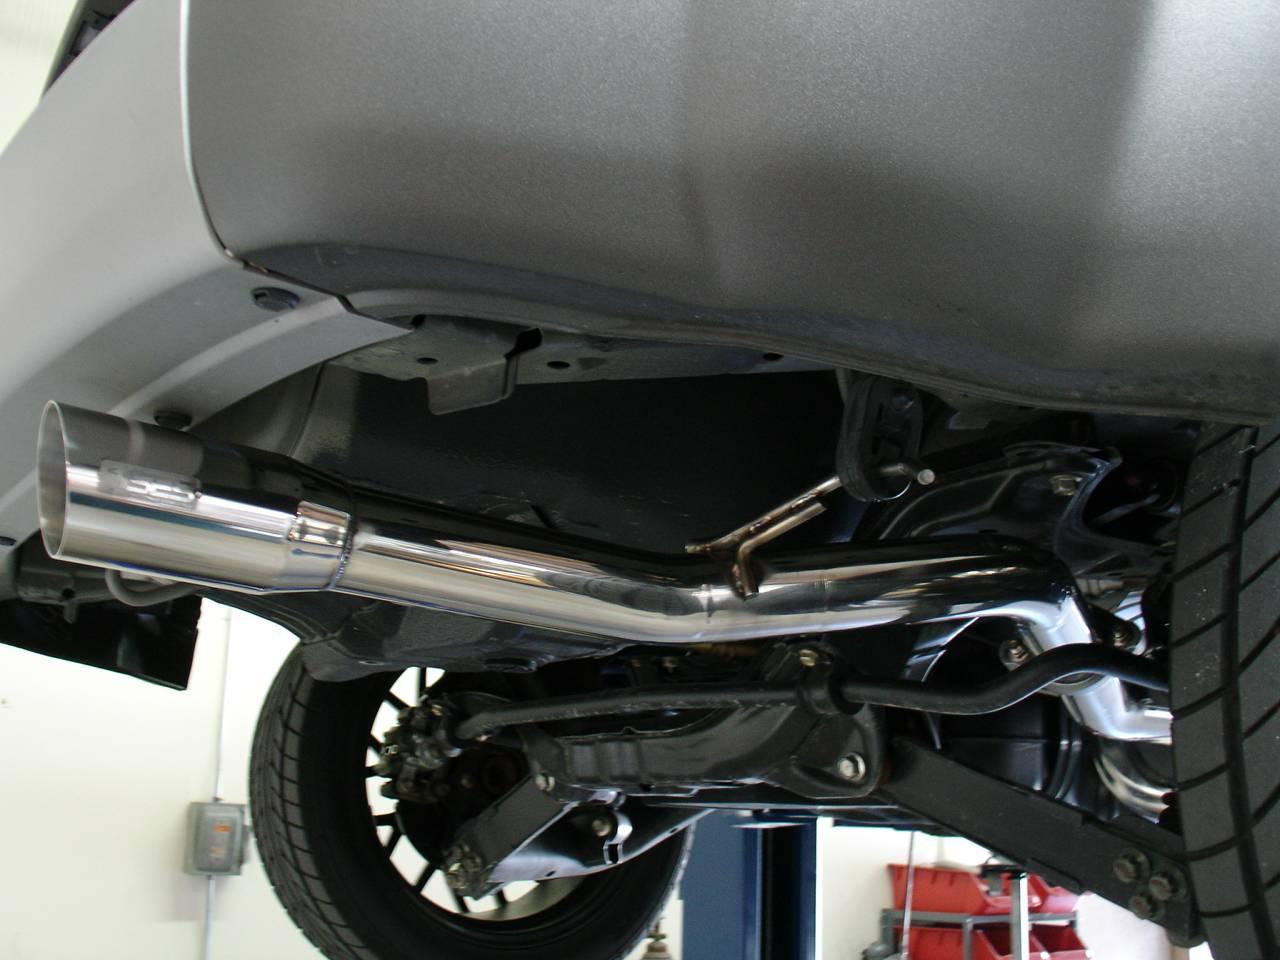 Exhaust System Hanger for 2003-2011 Honda Element